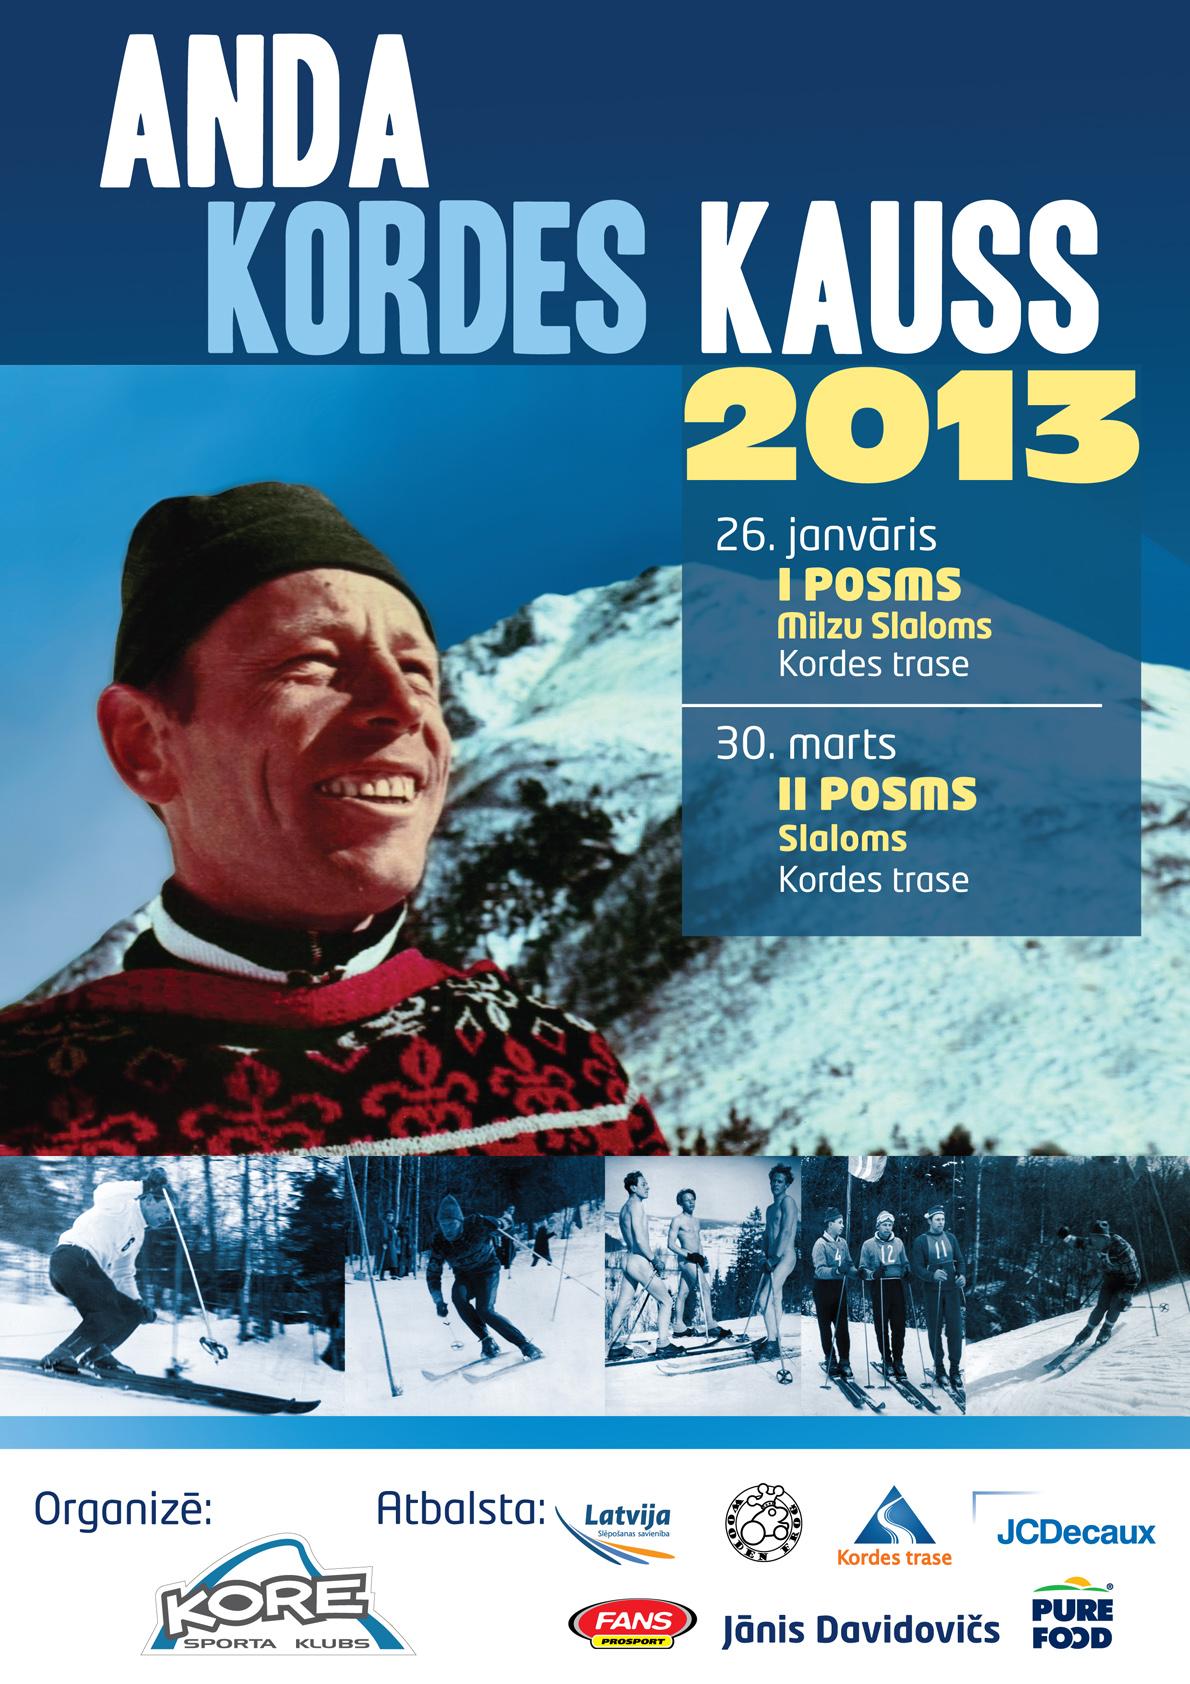 Kordes_kauss_2013_A2(3).jpg